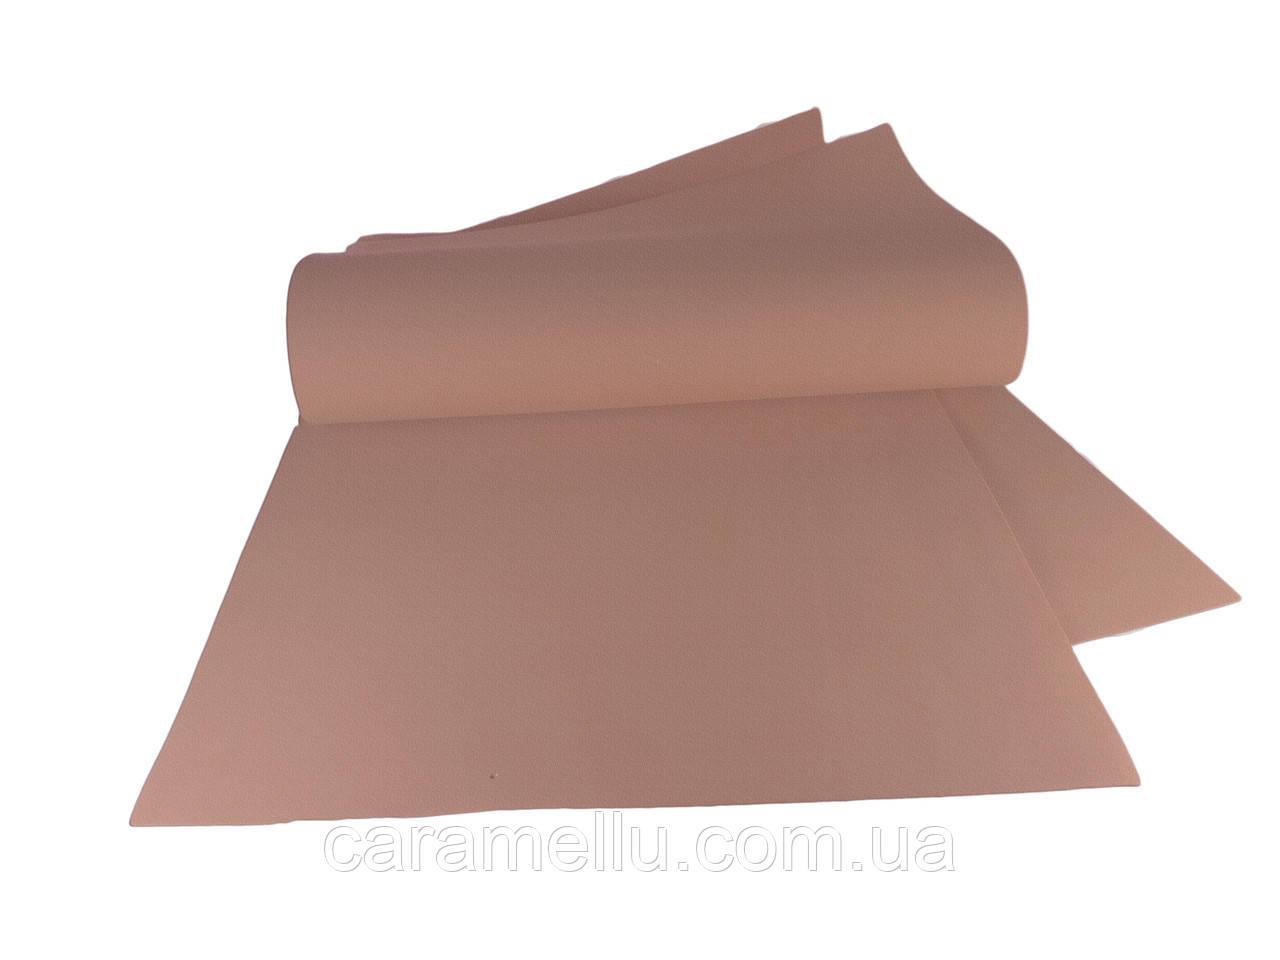 Фоамиран иранский 193, Светло-коричневый, 1мм, 70х30см.